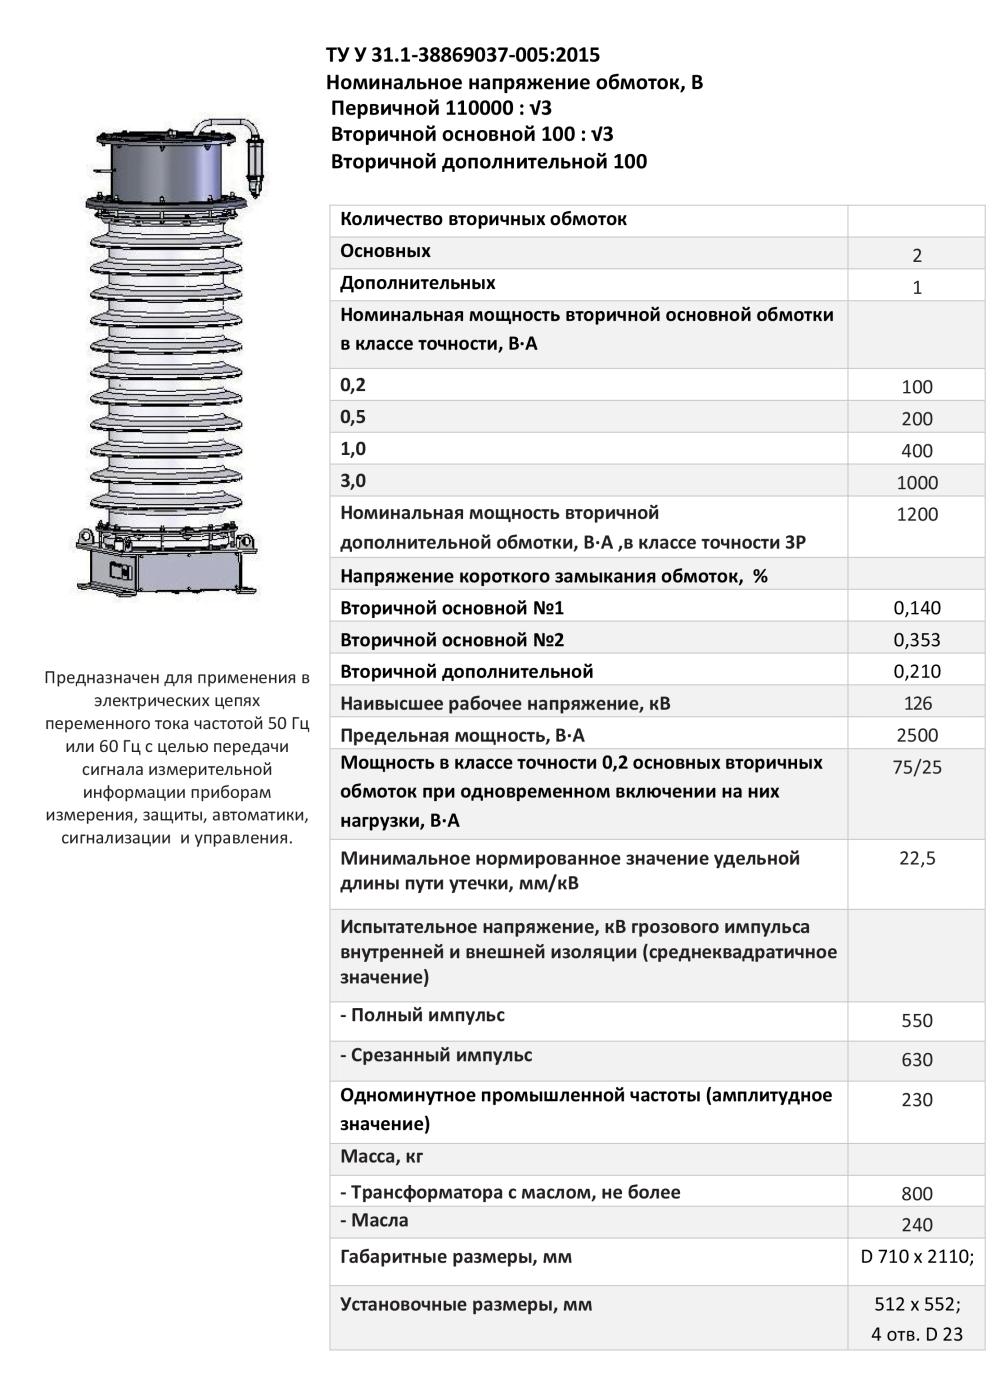 НКФА – 123 II УХЛ1 0,2